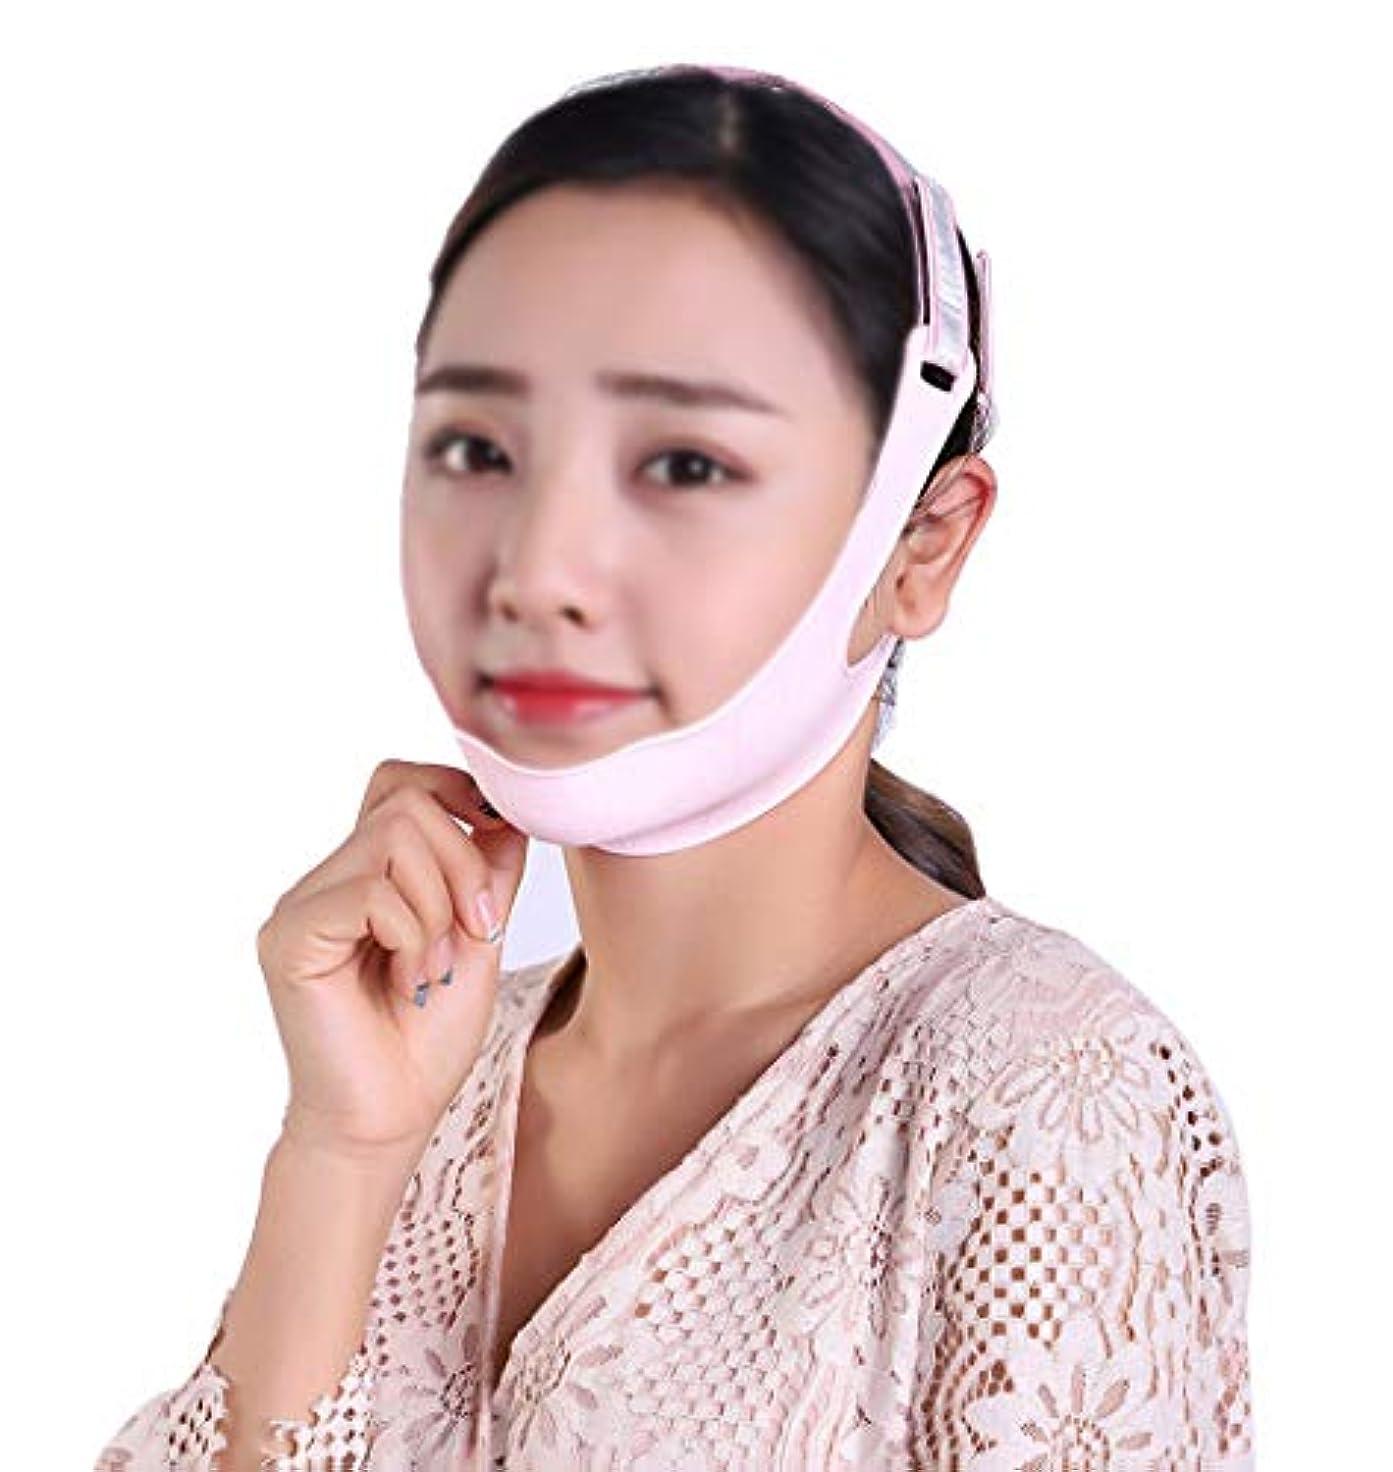 自動化苦しむ喉頭GLJJQMY フェイシャルリフティングマスクシリコンVマスク引き締めフェイシャル包帯スモールVフェイスアーティファクト防止リラクゼーションフェイシャル&ネックリフティング 顔用整形マスク (Size : L)